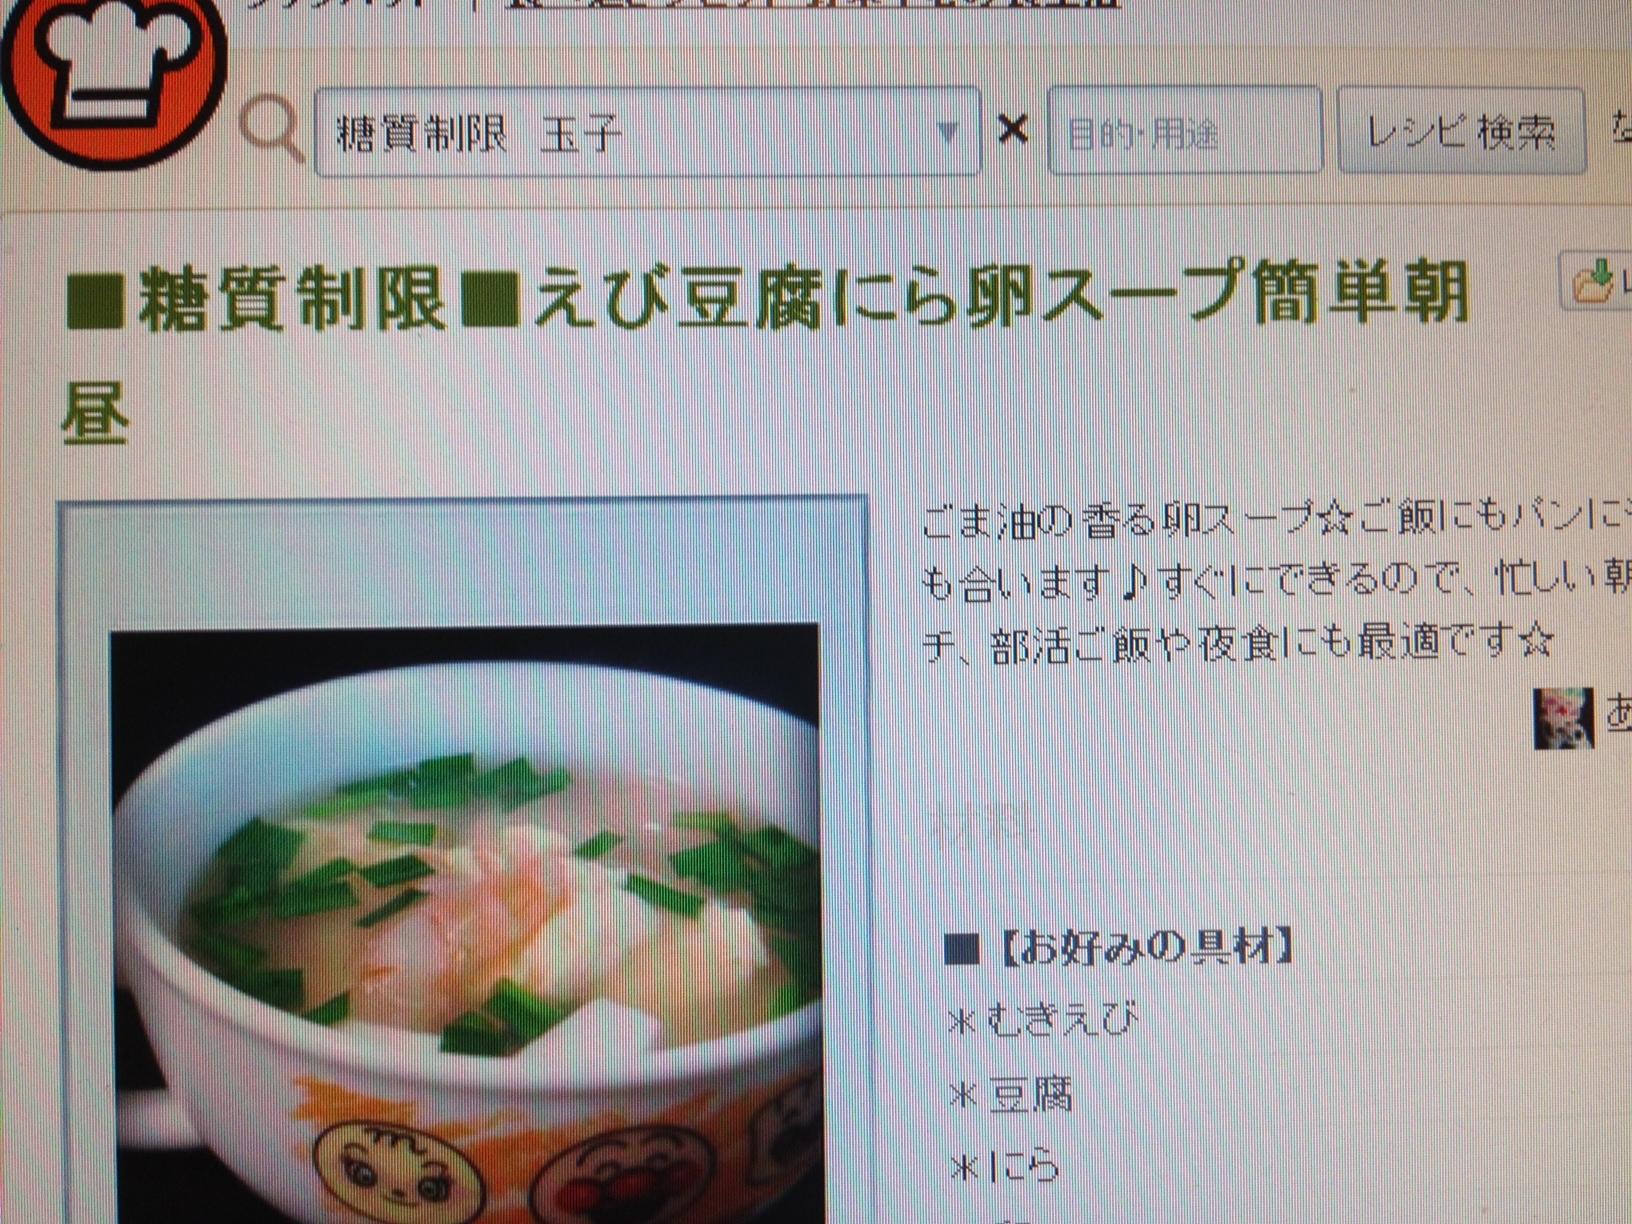 クックパッドえび豆腐